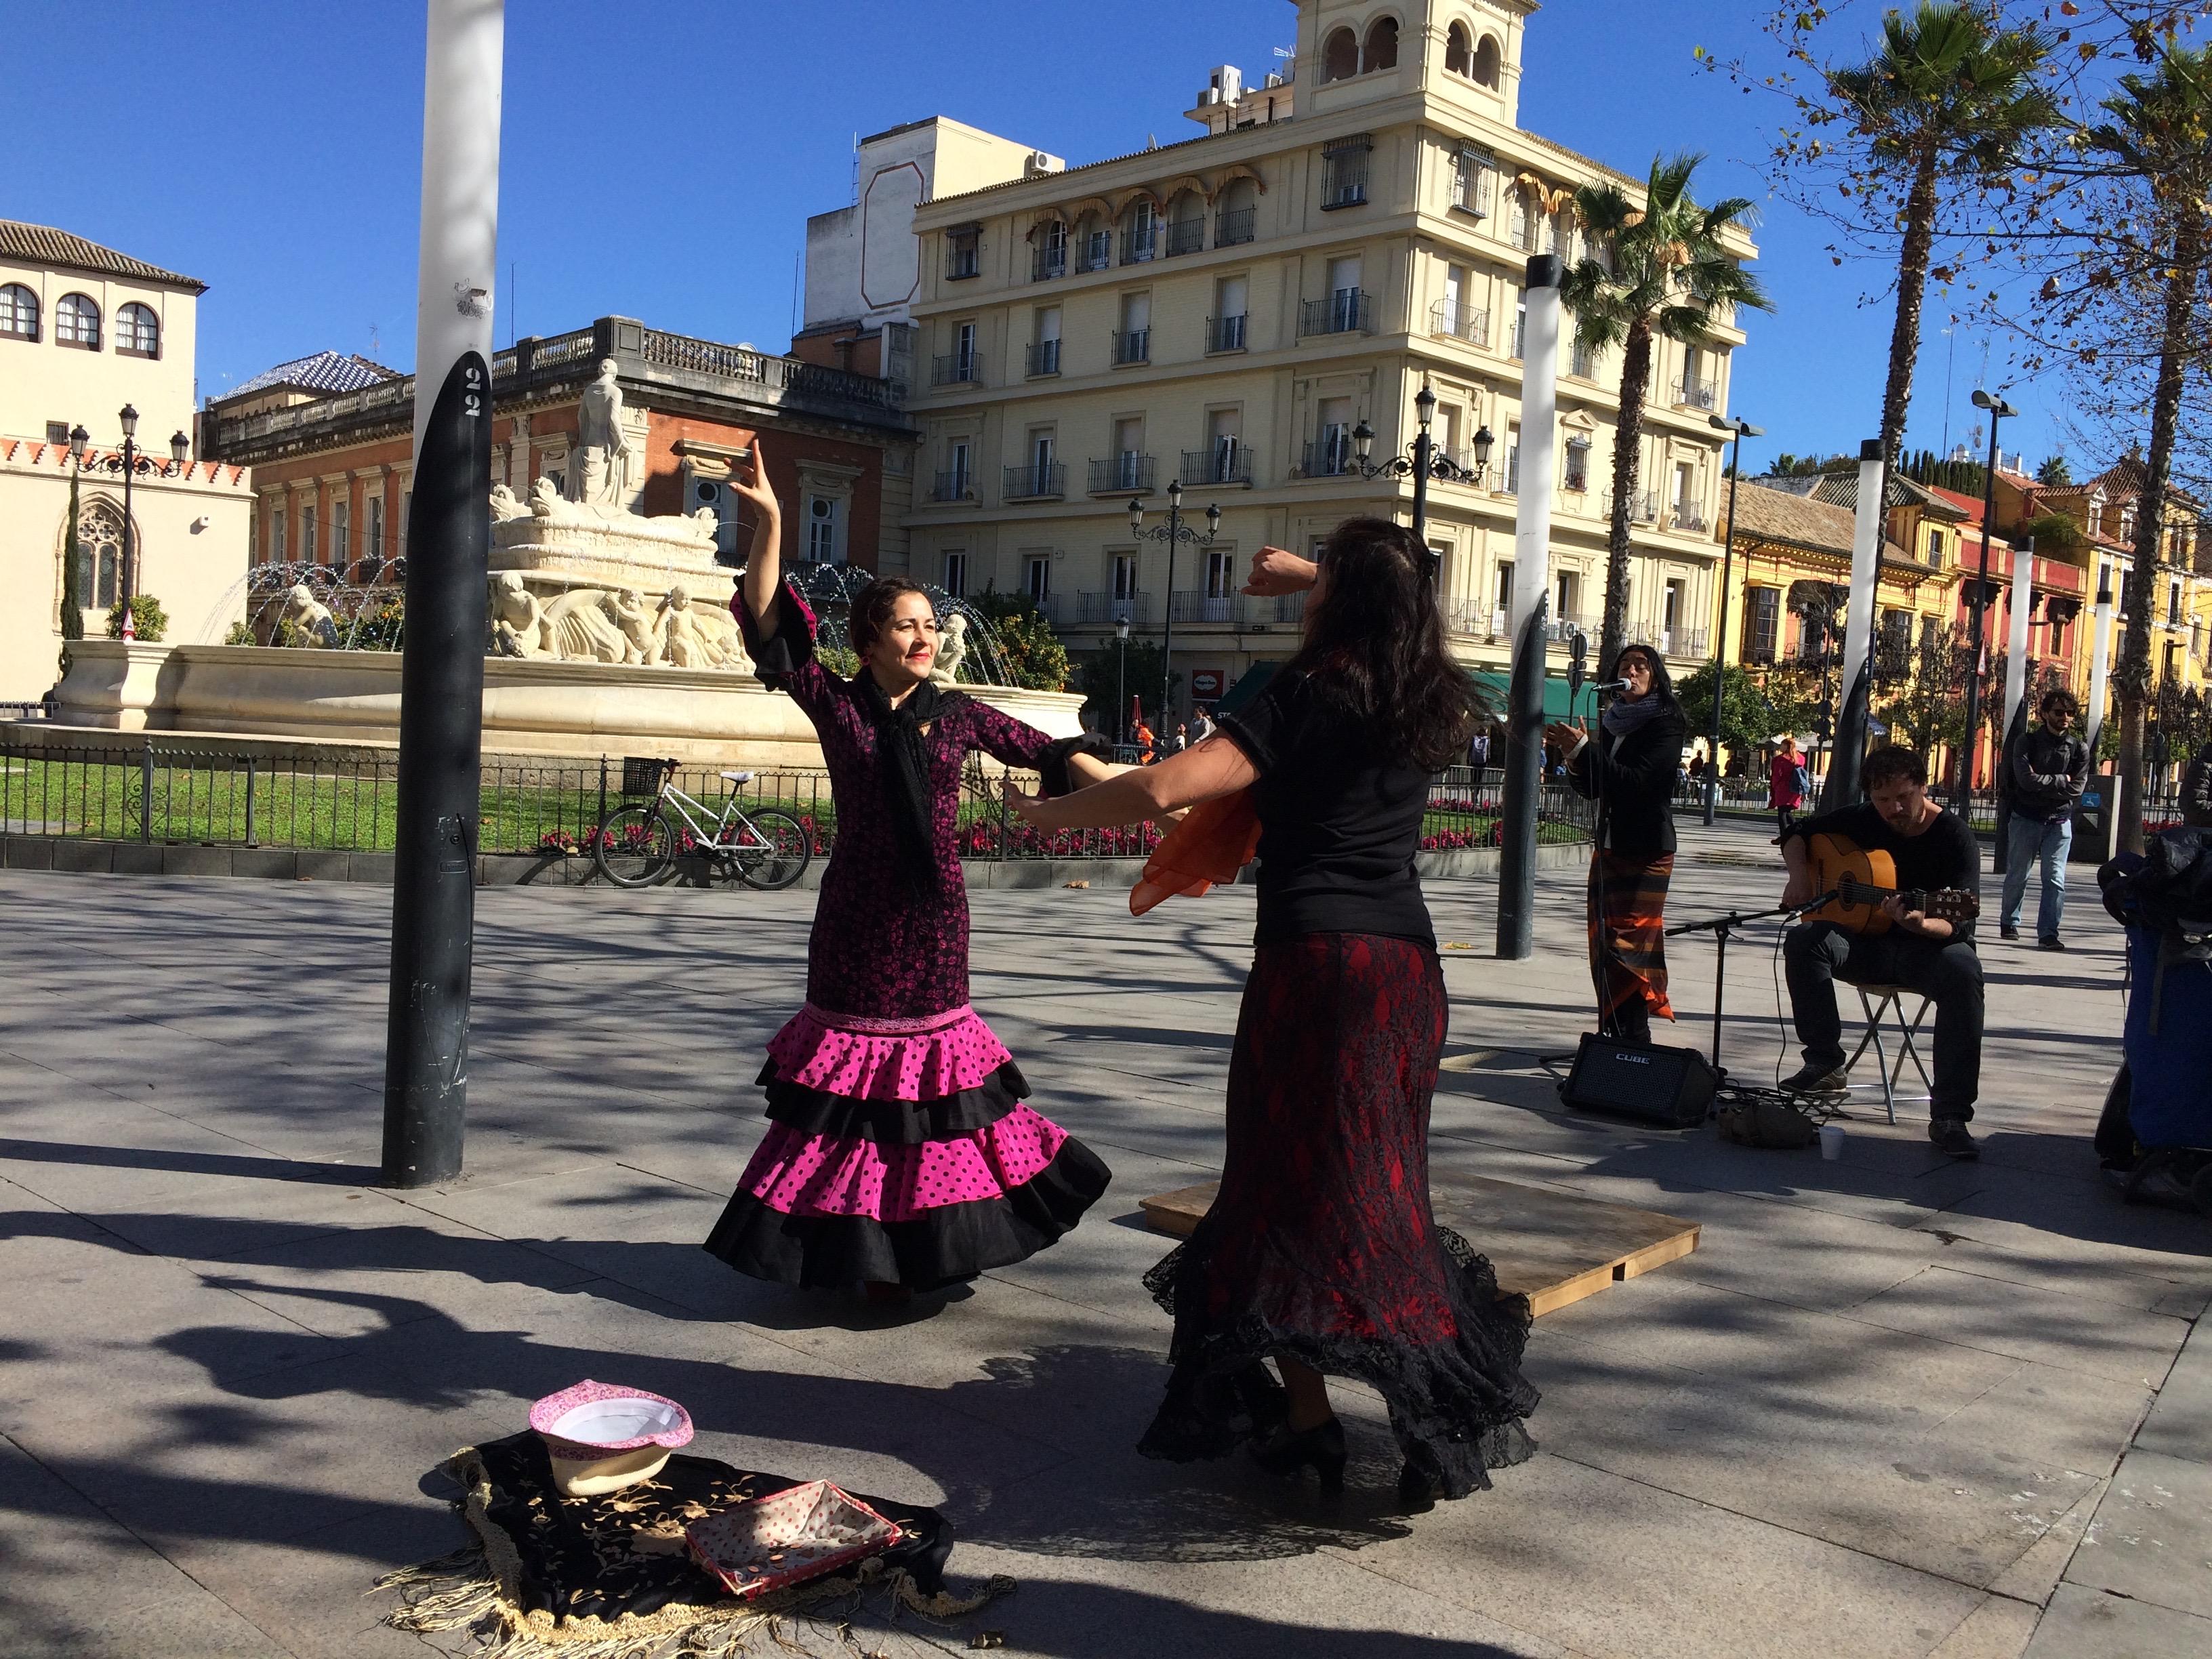 Seville - Flammenco dancing